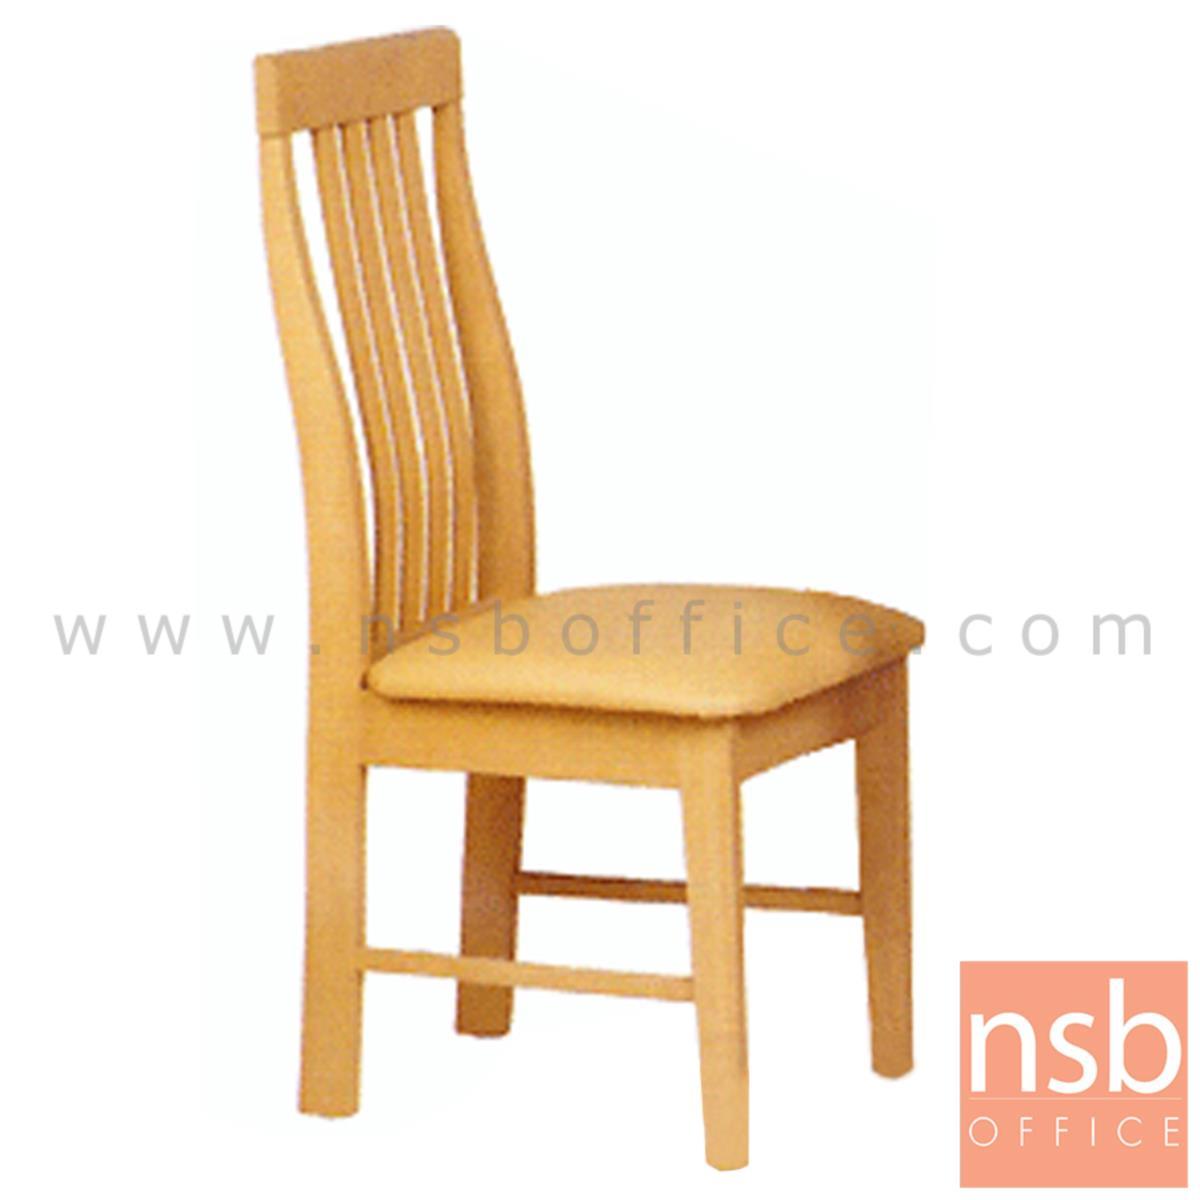 เก้าอี้ไม้ยางพาราที่นั่งหุ้มหนังเทียม รุ่น Clancy (แคลนซี) ขาไม้